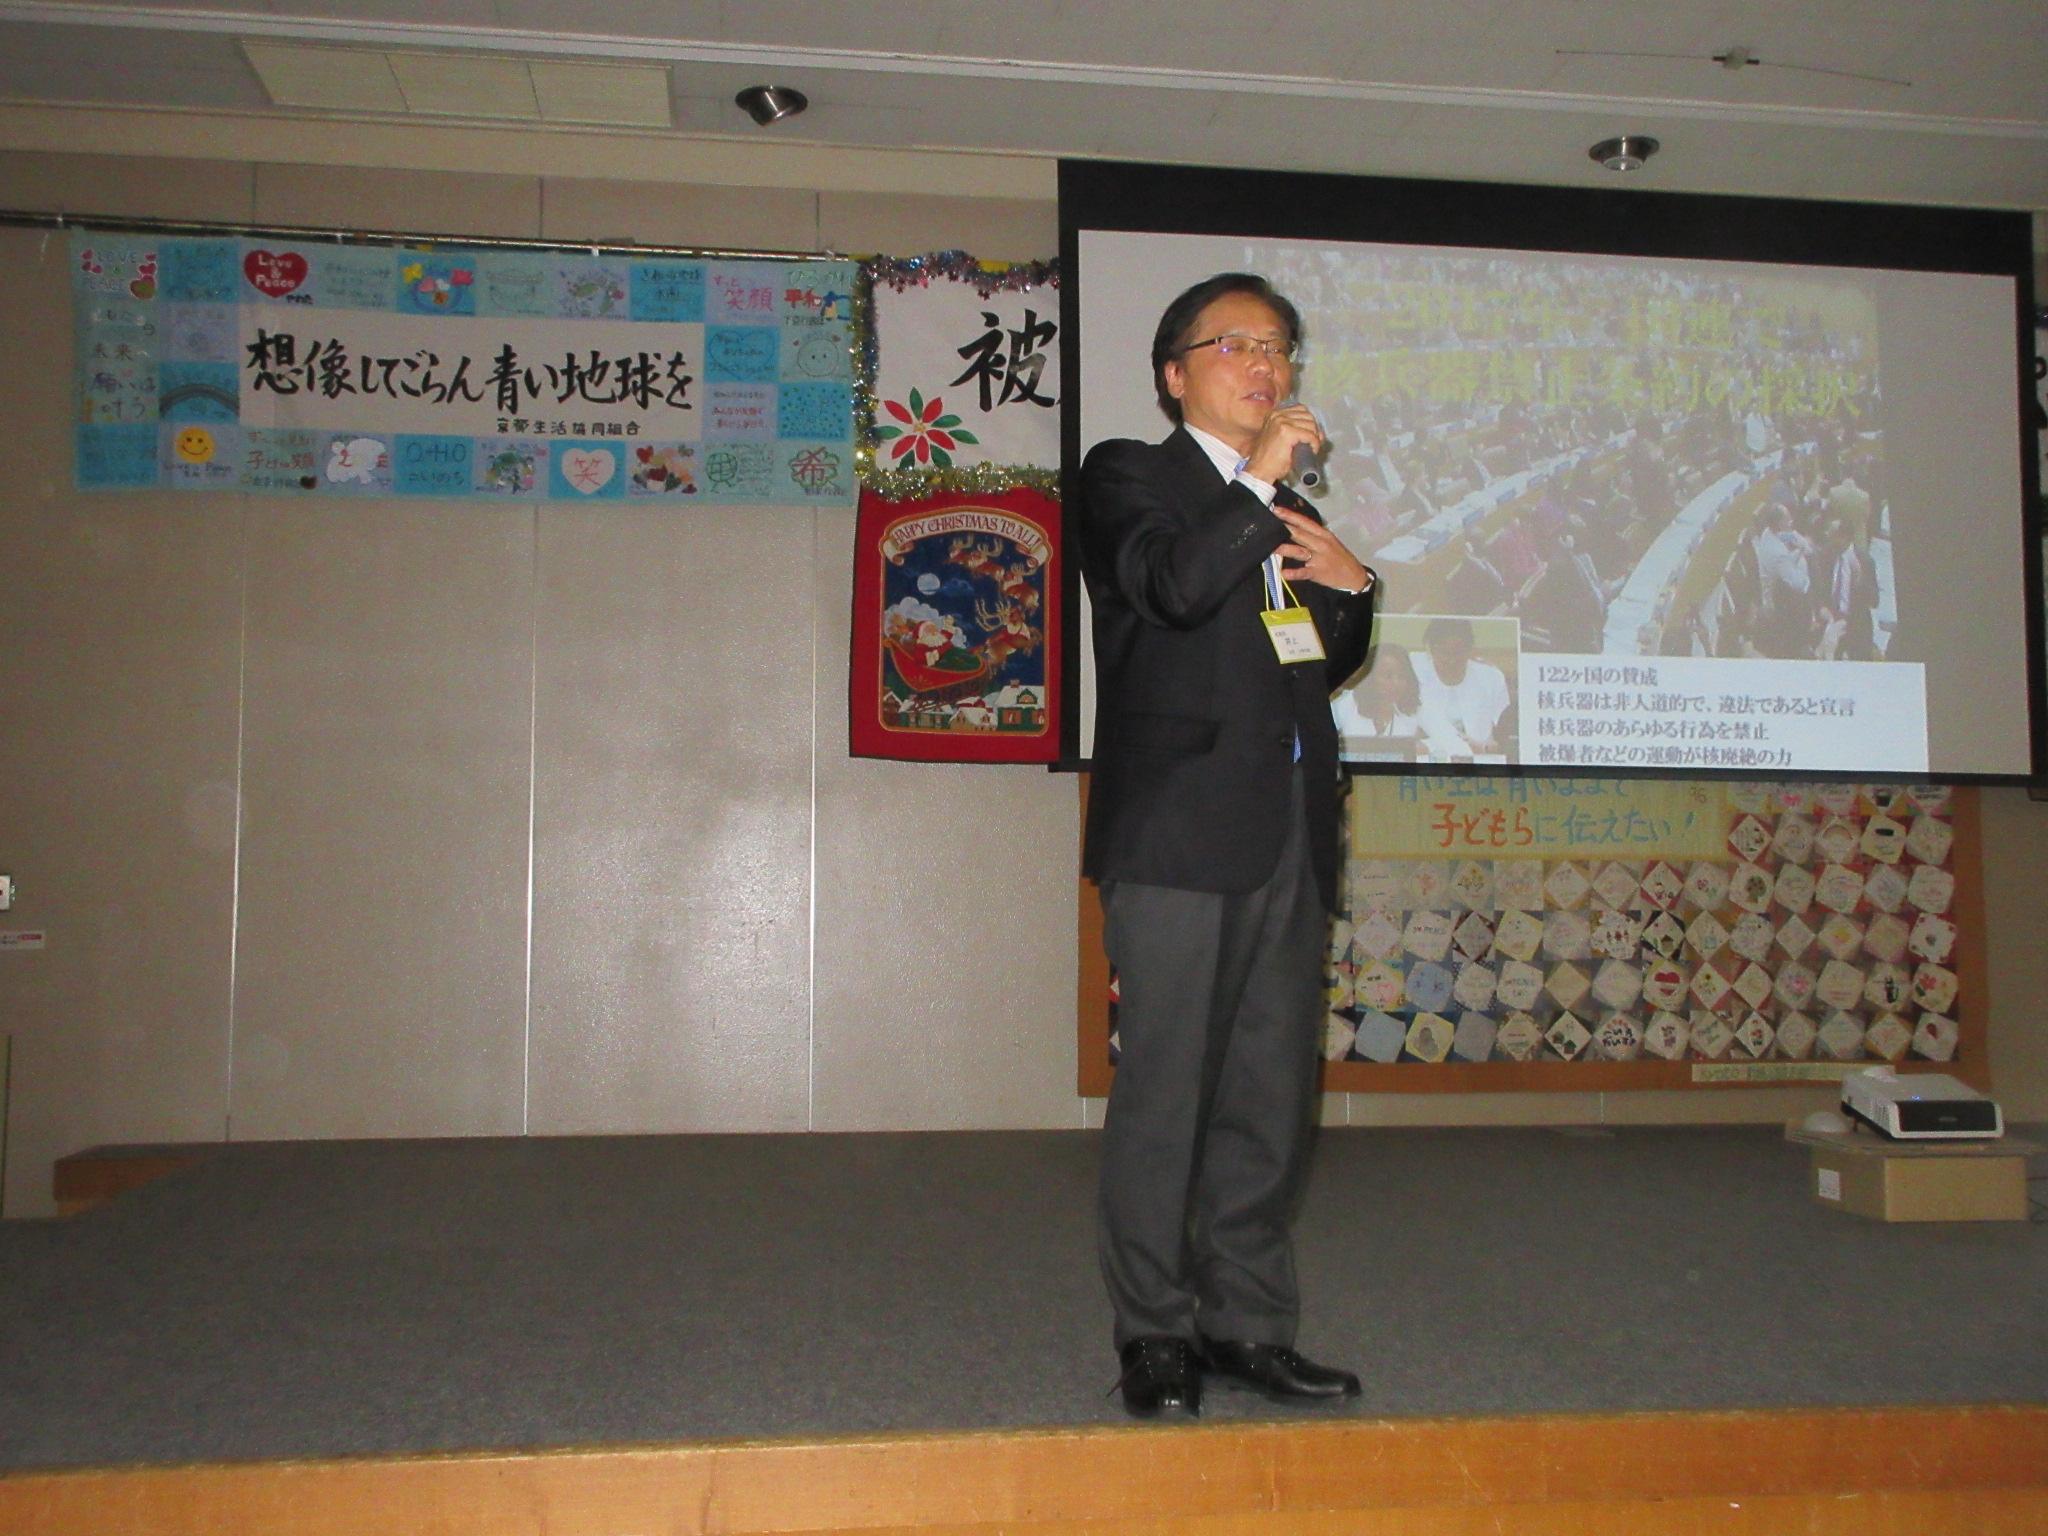 http://www.inoue-satoshi.com/diary/IMG_3022.JPG